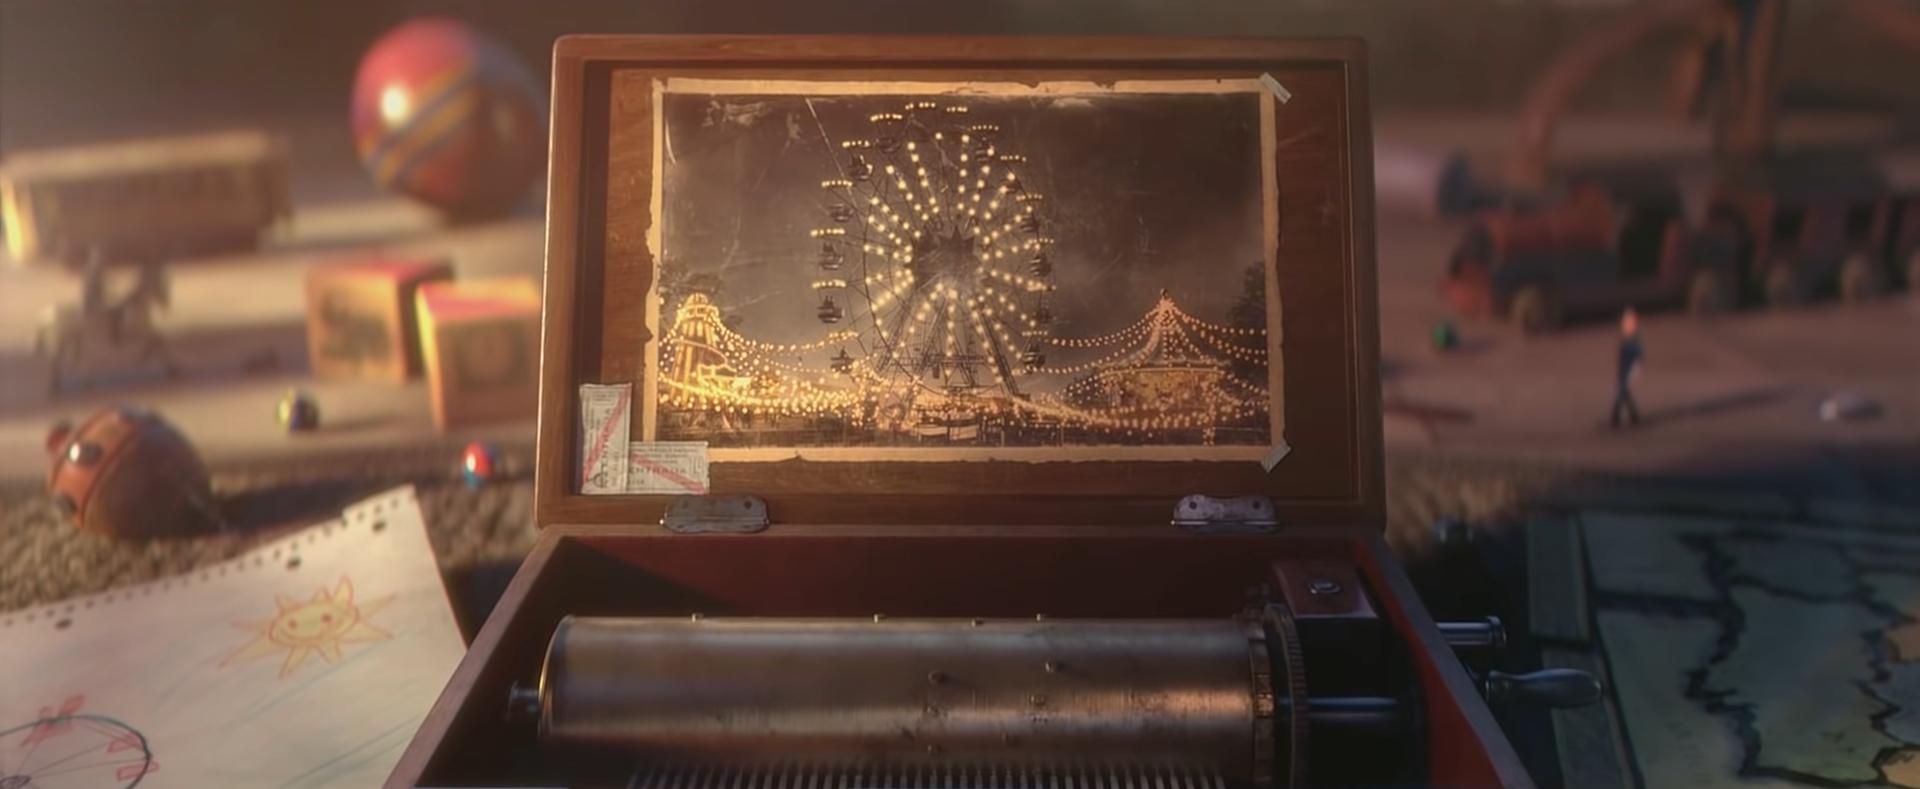 三国的网络游戏_恐怖动画《LA NORIA》:记忆摩天轮